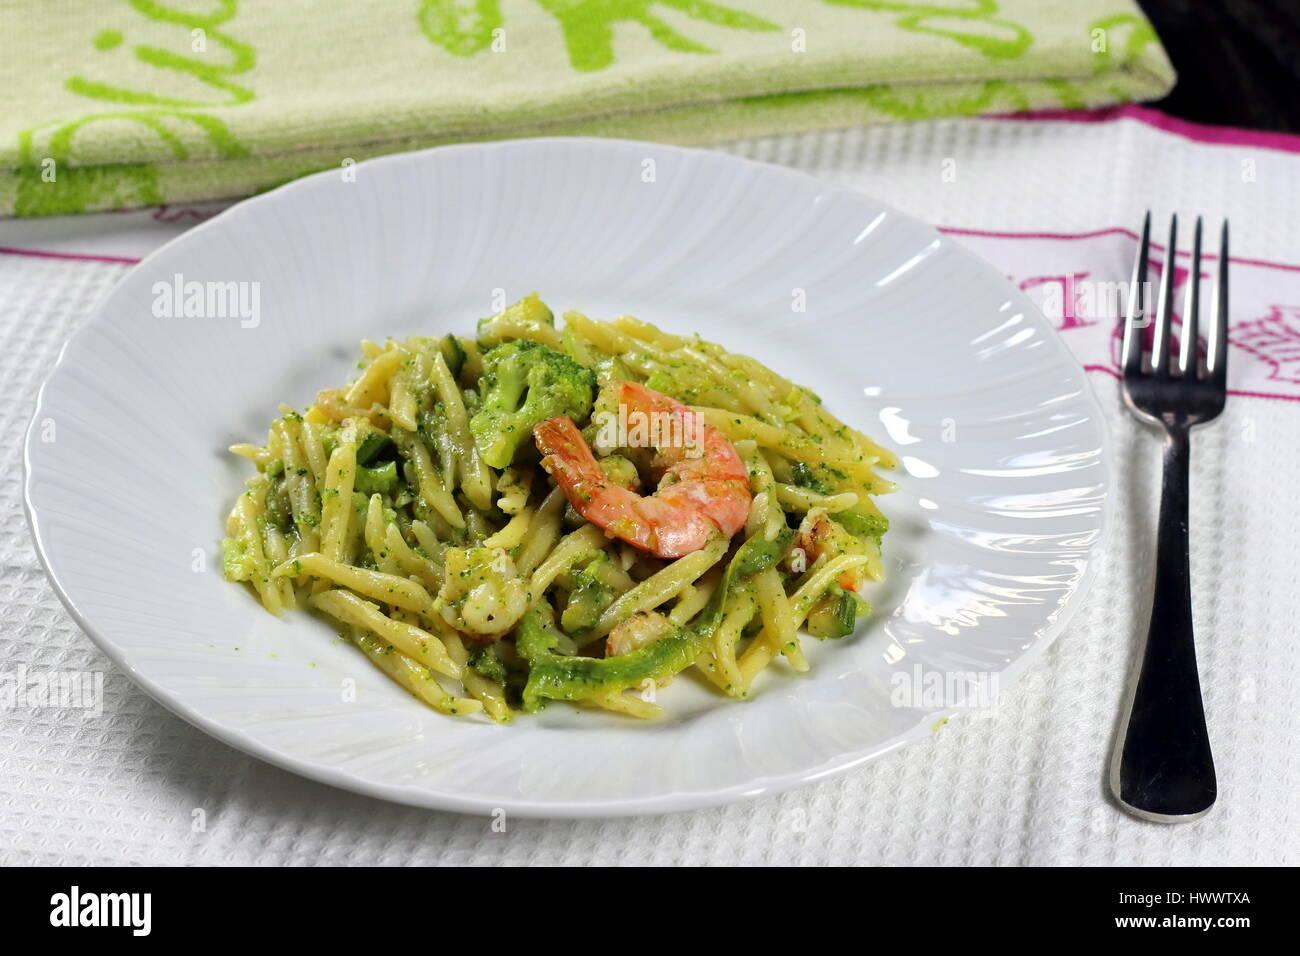 Trofie Pasta con langostinos (camarones), brócoli, zucchini (calabacín) y tomate en el manjar blanco sobre Imagen De Stock